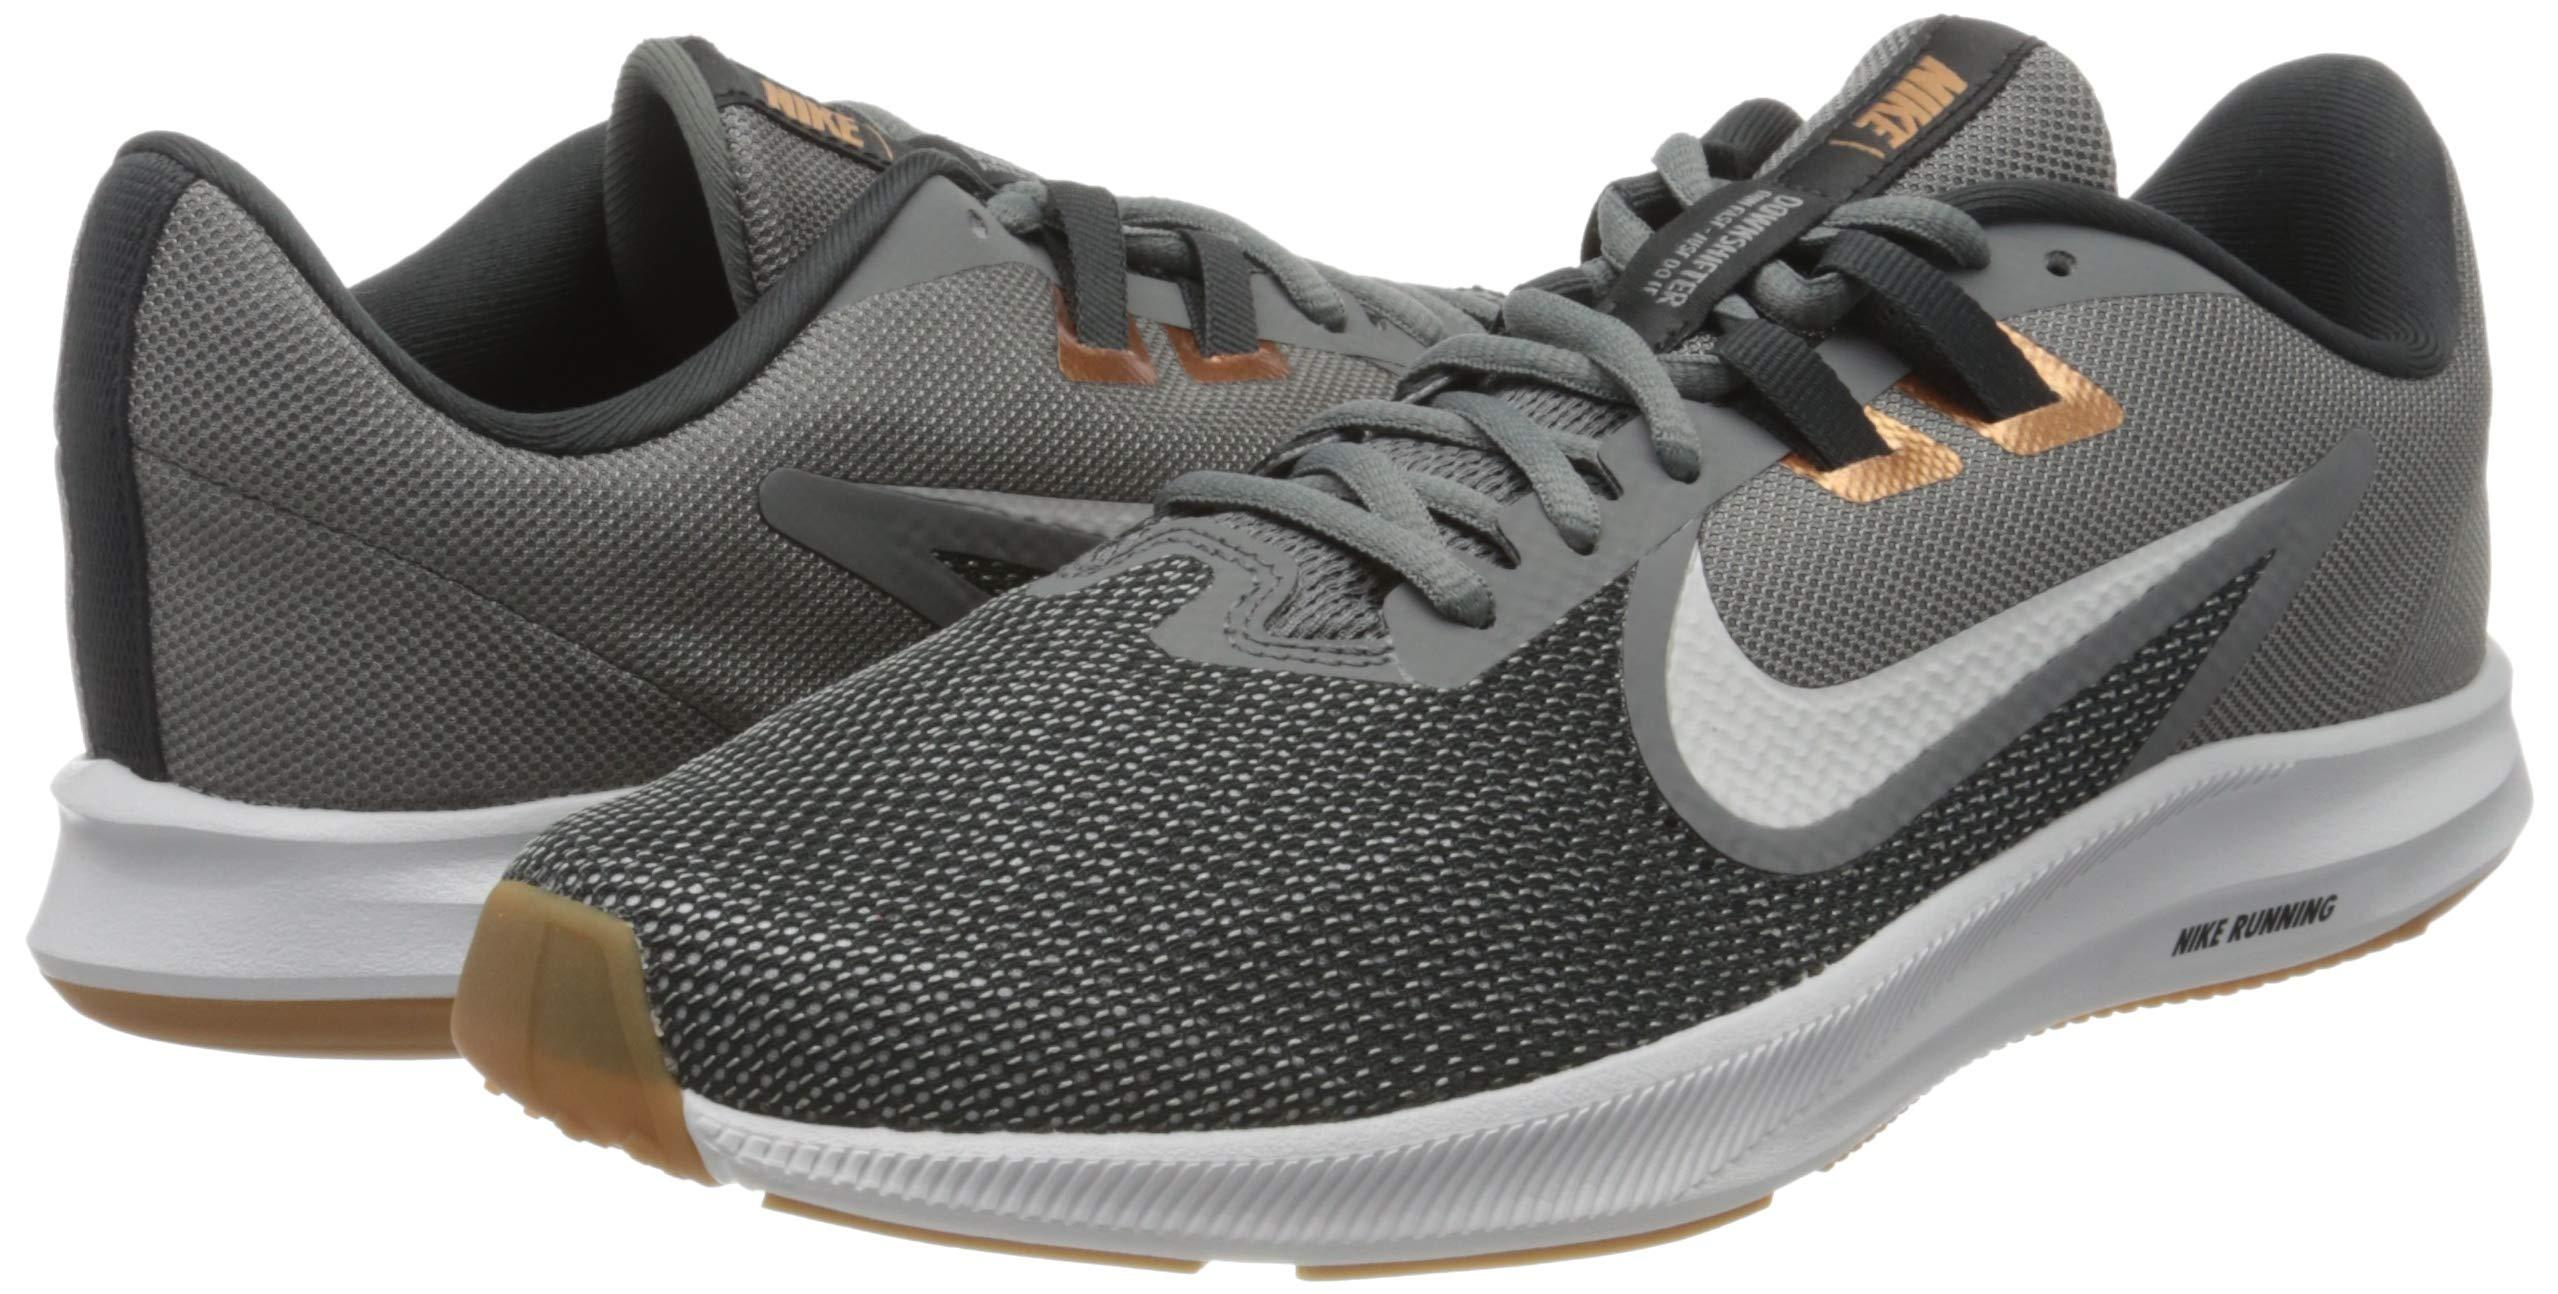 Dribling - Мужские кроссовки Nike